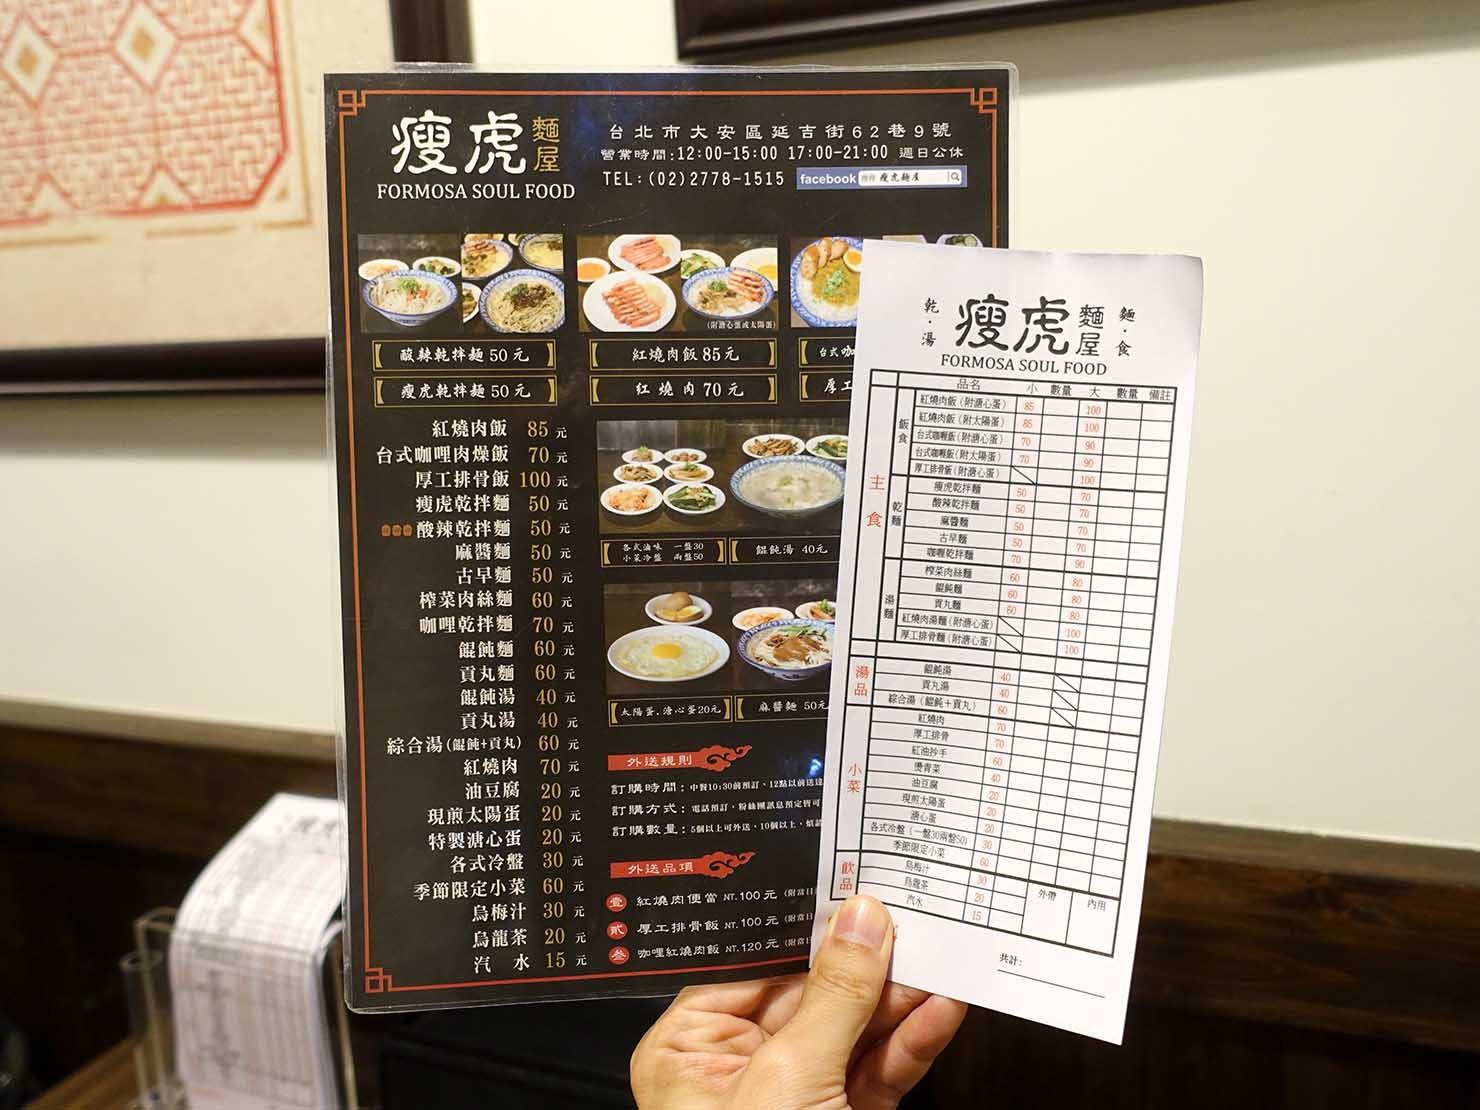 台北・忠孝敦化駅(東區)のおすすめグルメ店「瘦虎麵屋」のメニュー